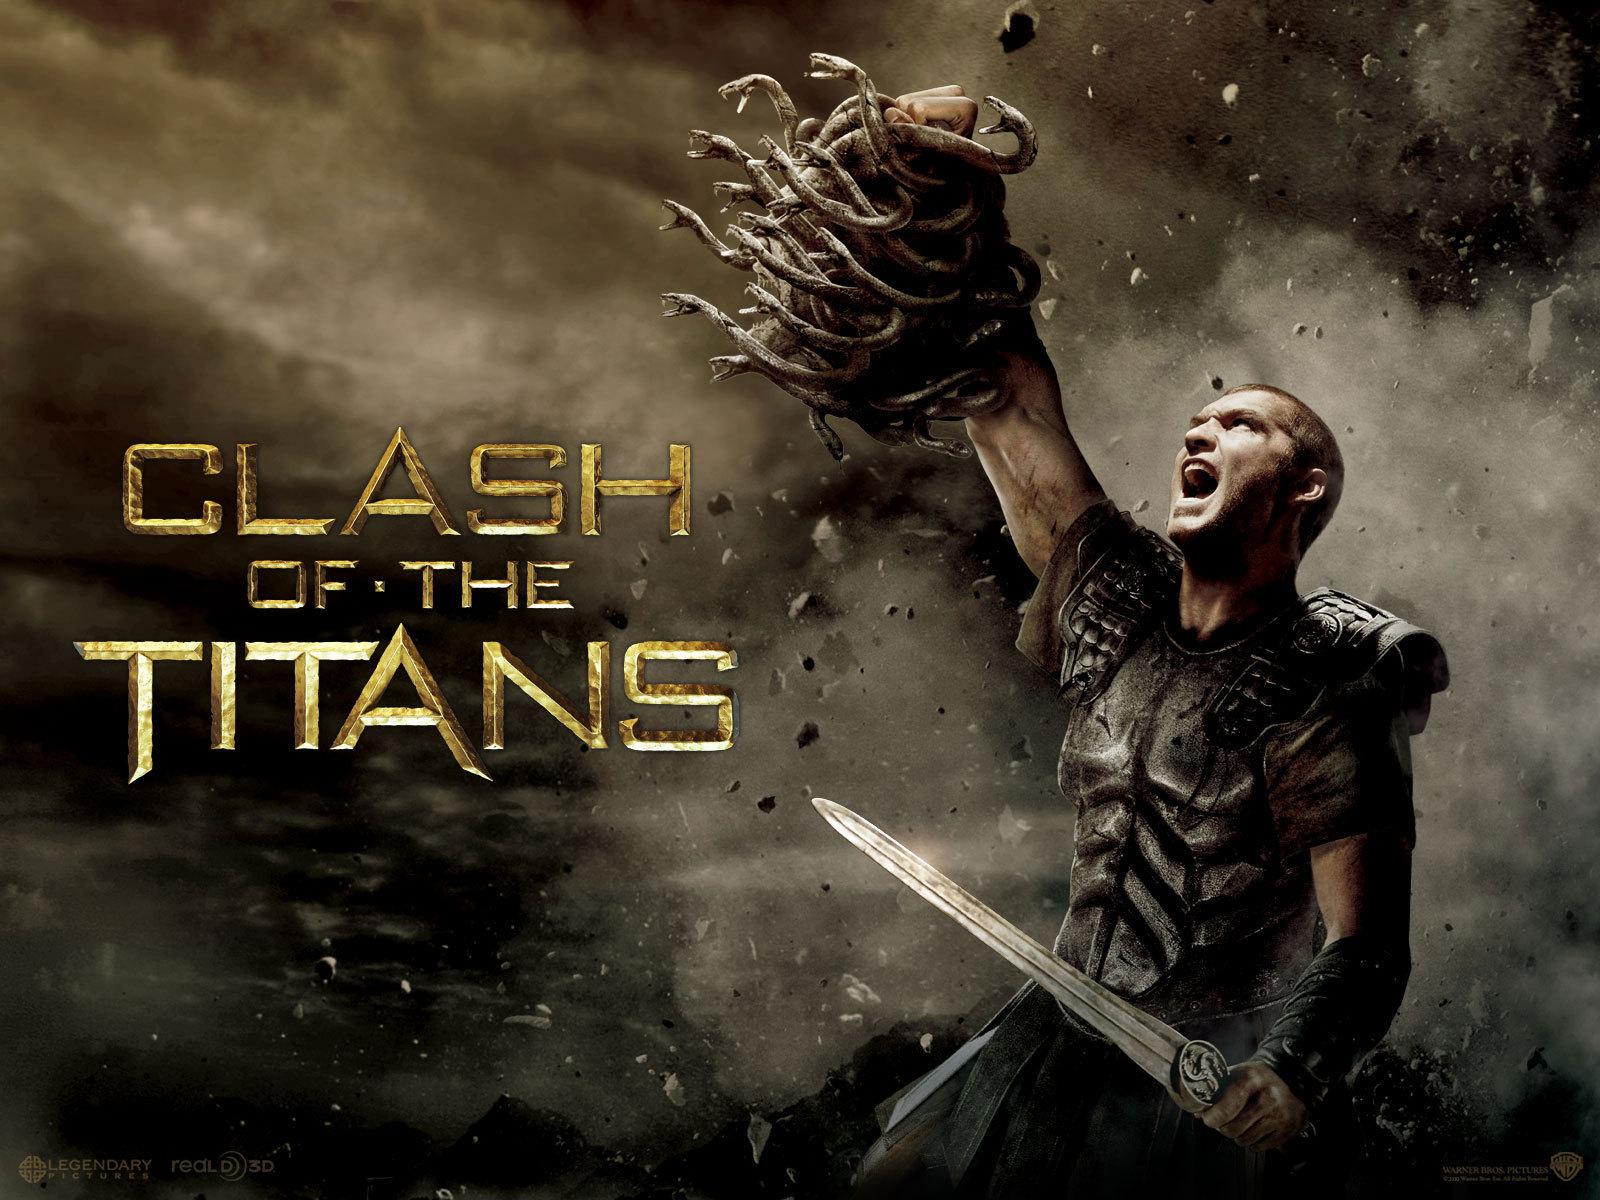 Cuộc chiến giữa các vị thần (Clash of the Titans) là một trong những bộ phim được yêu thích nhất năm 1981